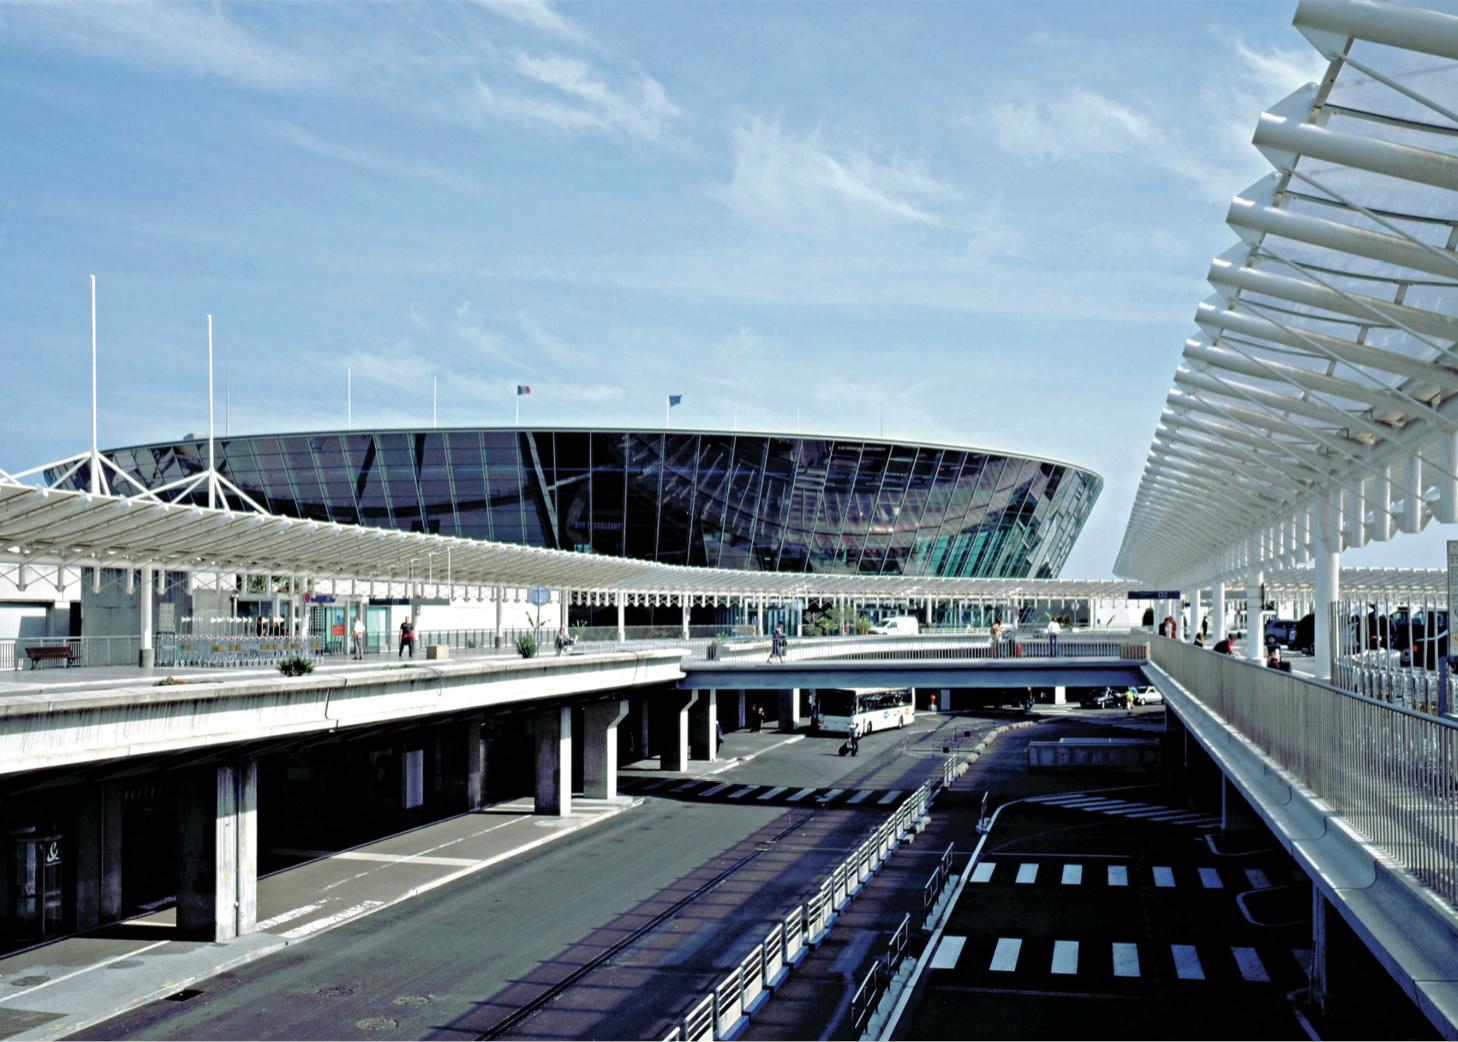 Aéroport Nice Côte d'Azur